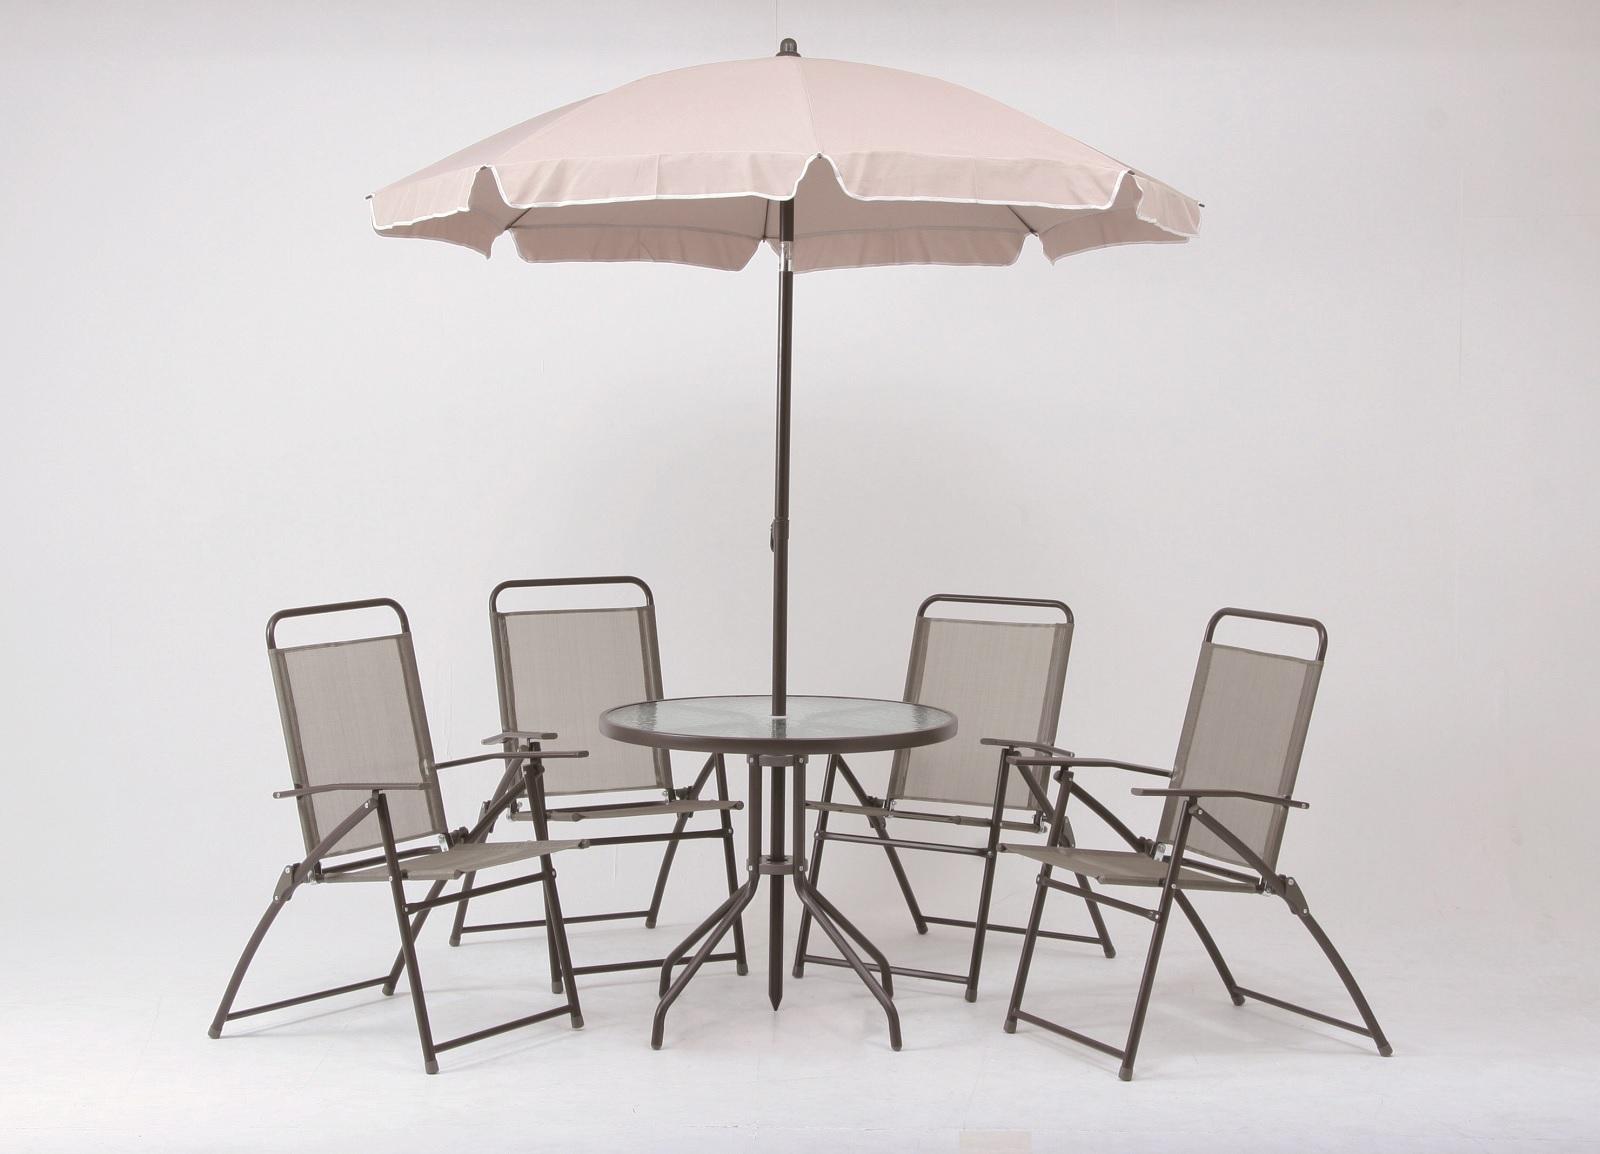 ガーデン6点セット&ベースアウトドア オープンカフェに!!在庫切れの場合は、納期をお知らせ致します。